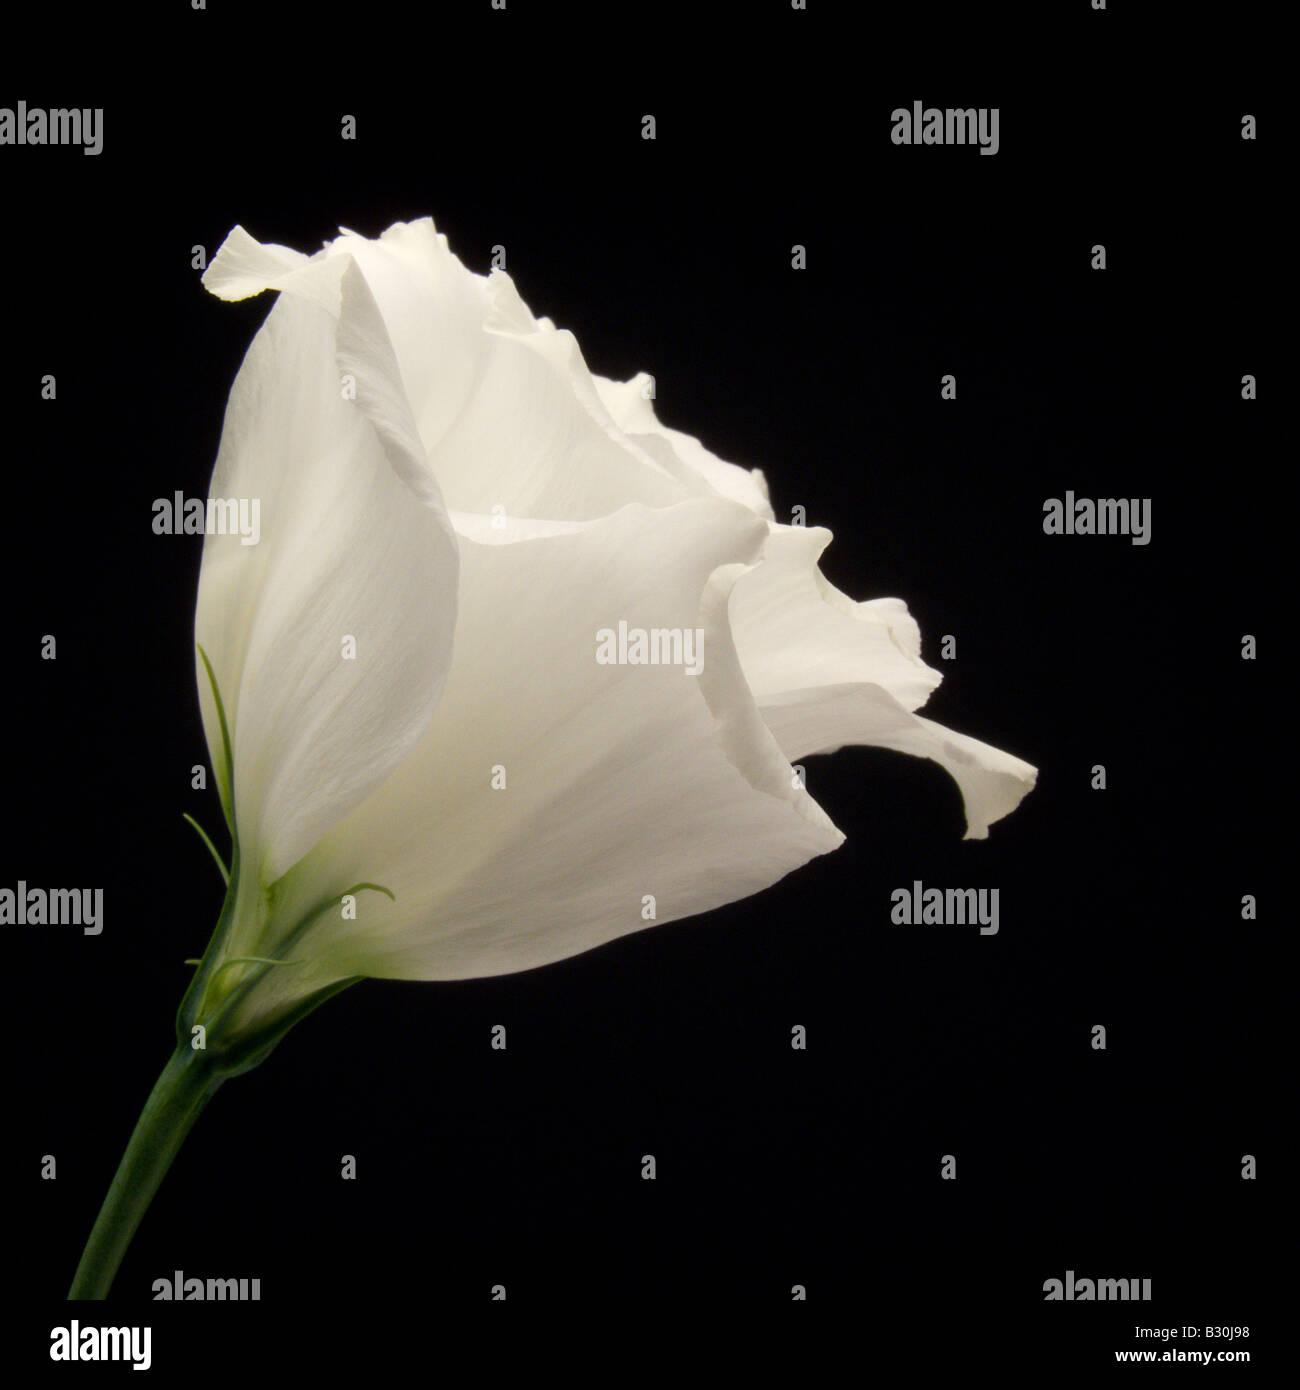 Single White Lisianthus on Black Background - Stock Image